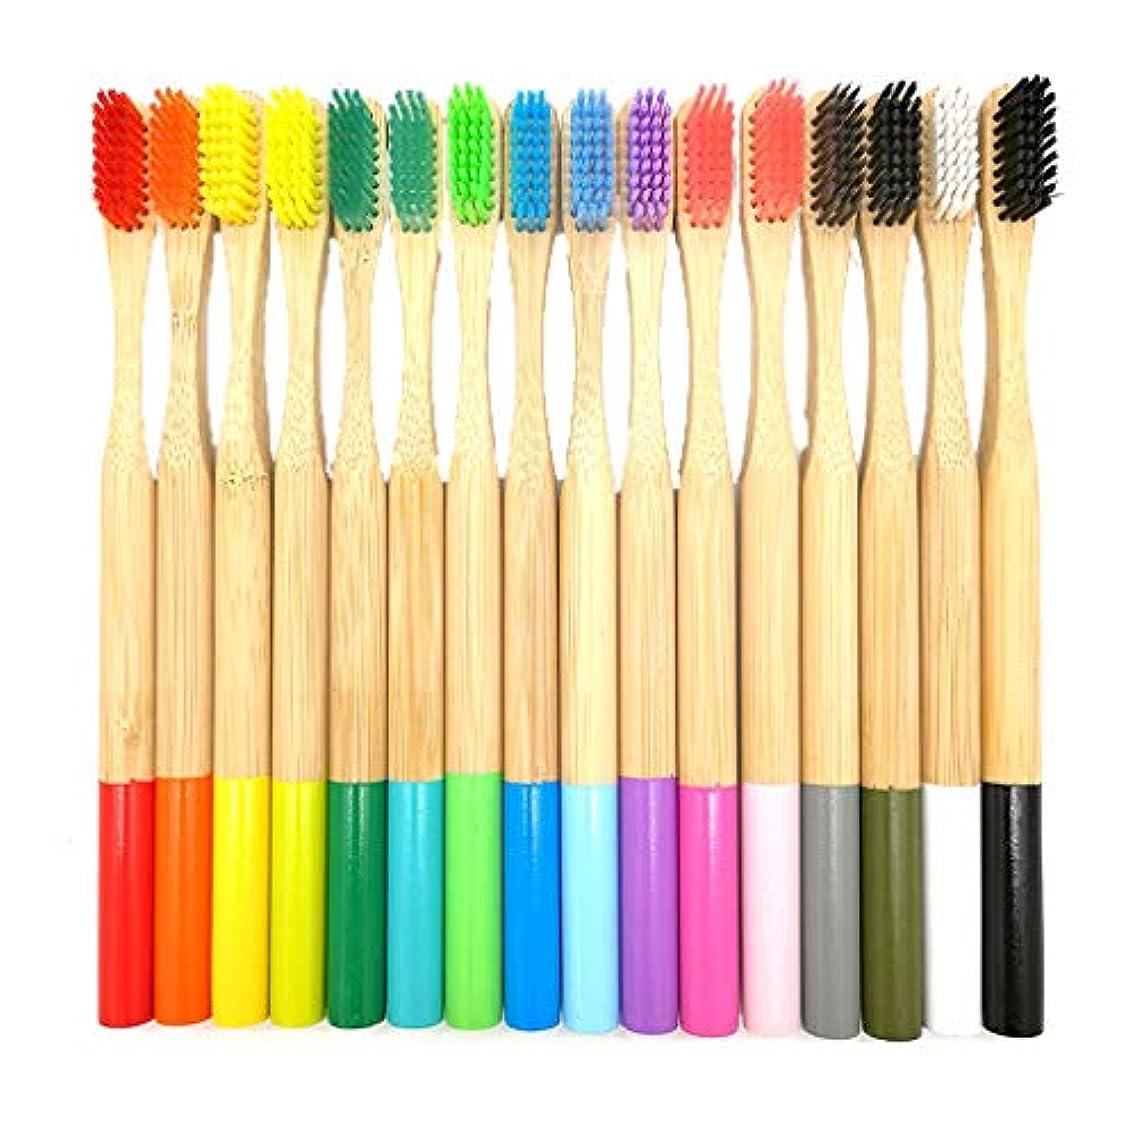 まだら里親マンモスLazayyii 成人 竹製の歯ブラシ オーラルケア 竹繊維 やわらかい歯ブラシ 人気16本 (マルチカラー)